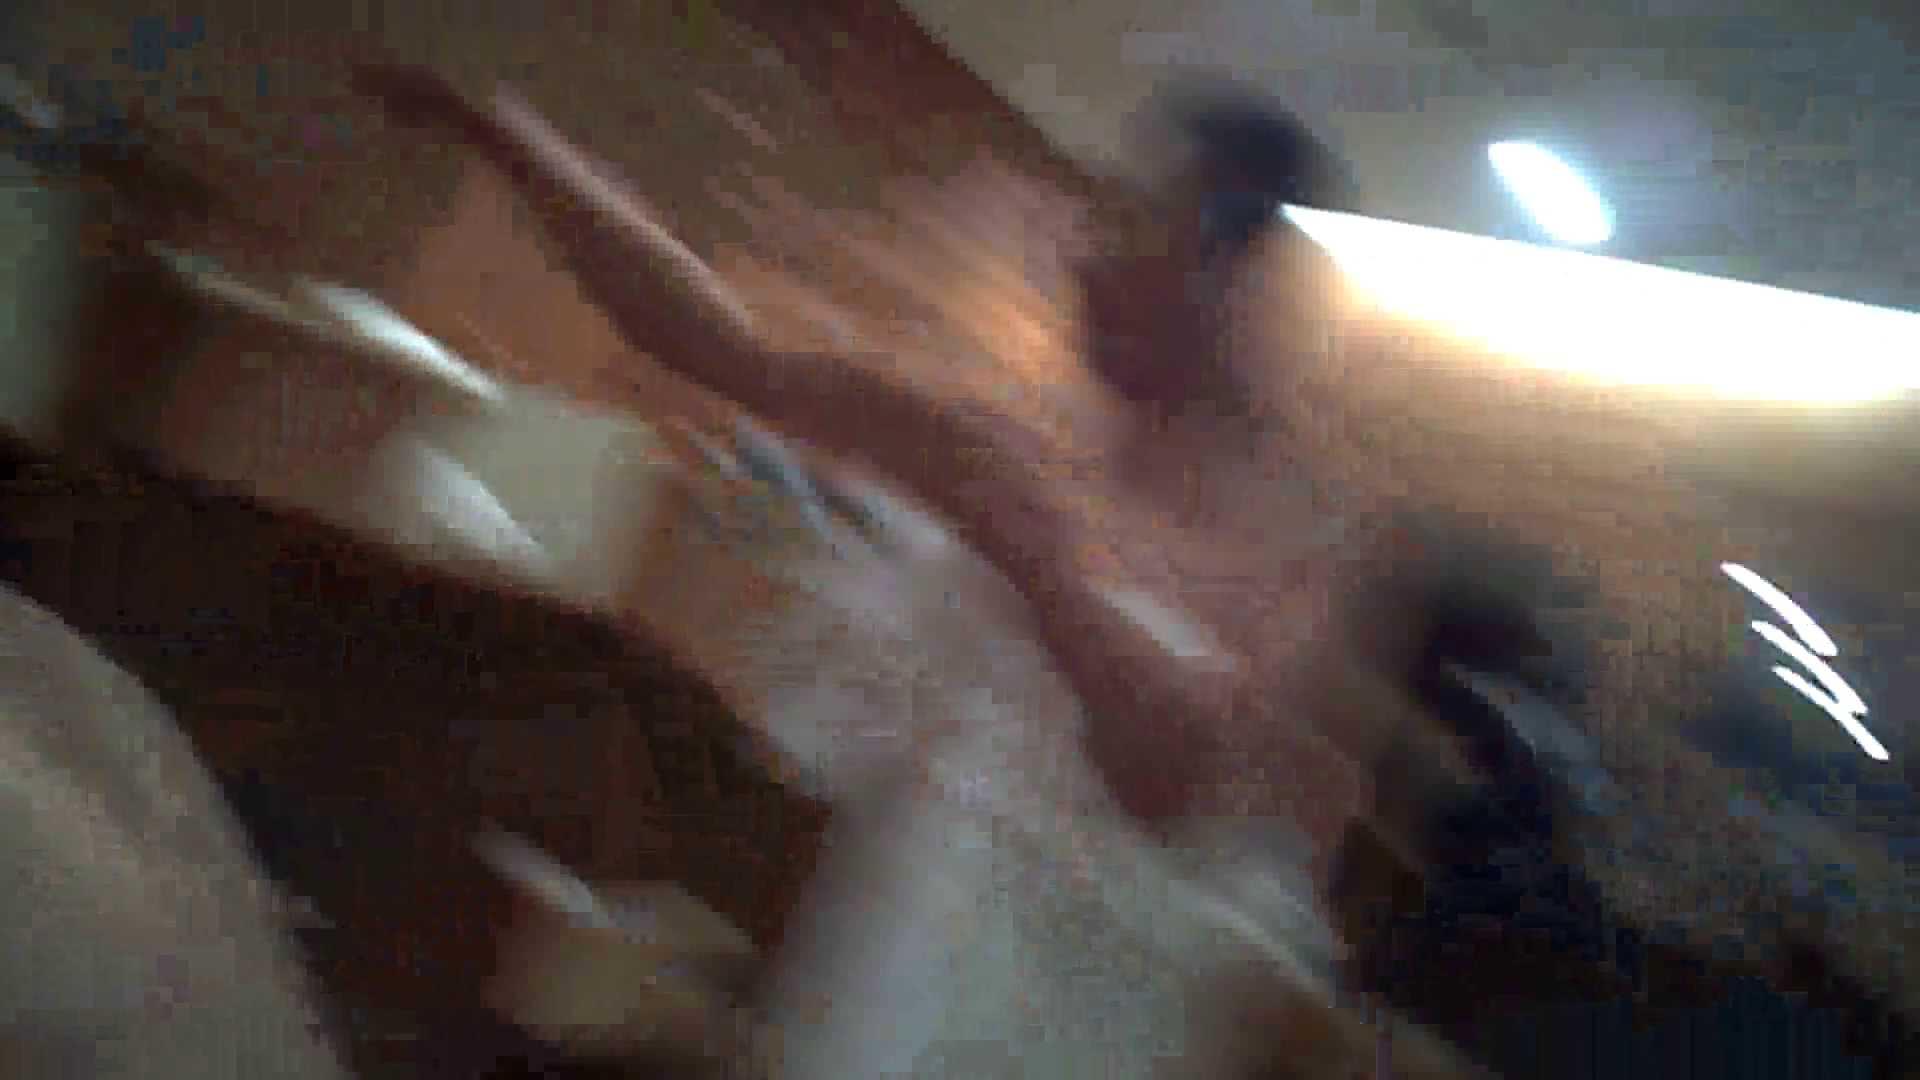 普段の貴方を隠し撮り Vol.06 隠撮 ゲイヌード画像 78pic 35